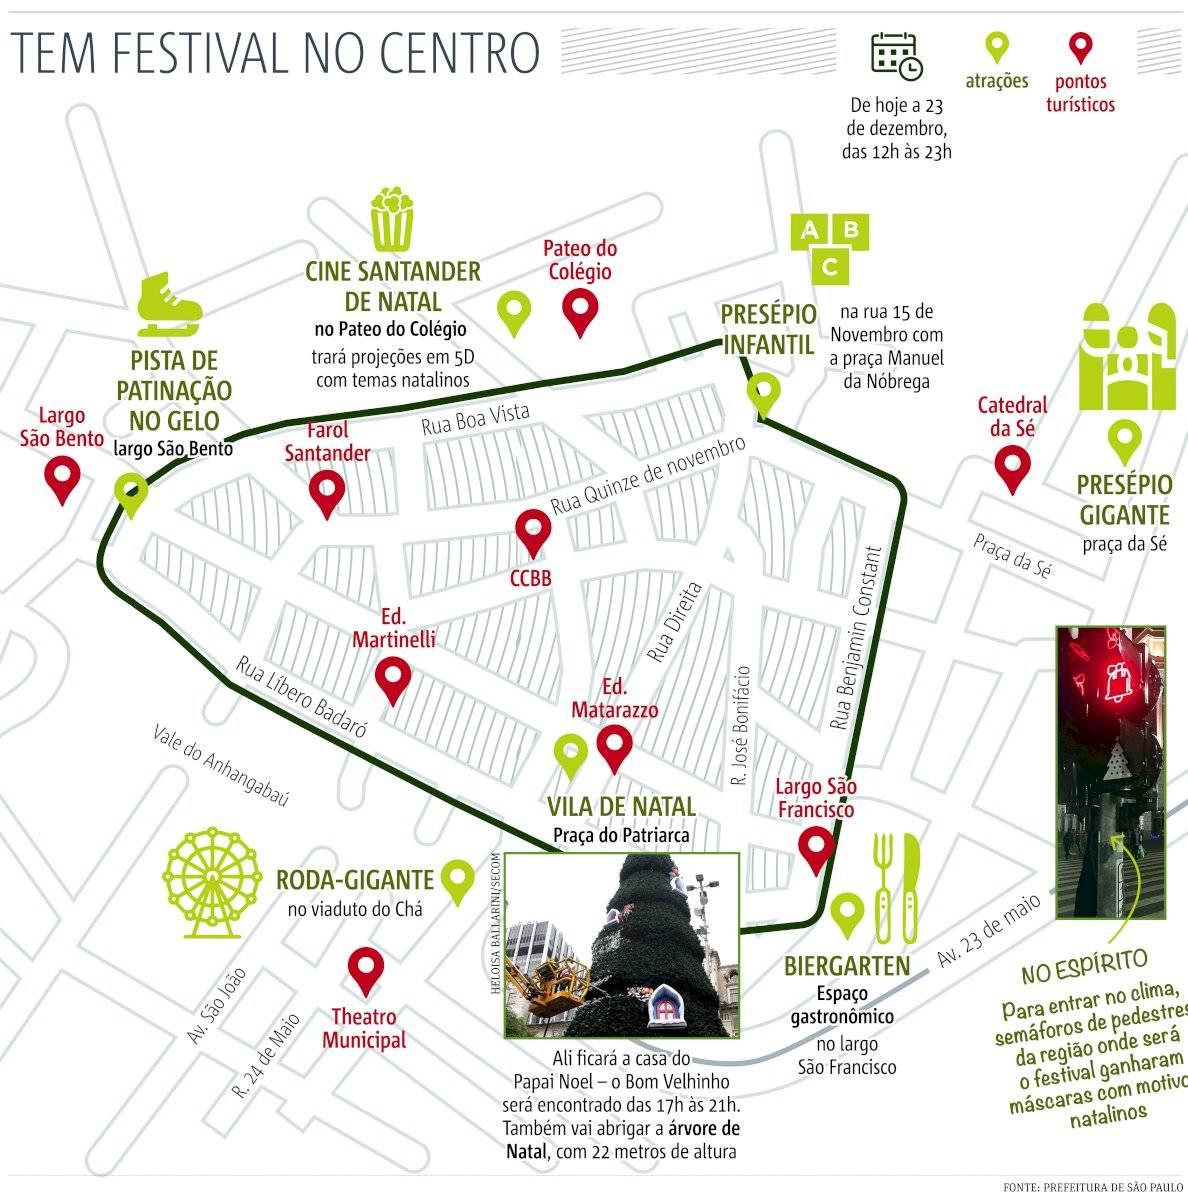 Festival de Natal - centro de São Paulo